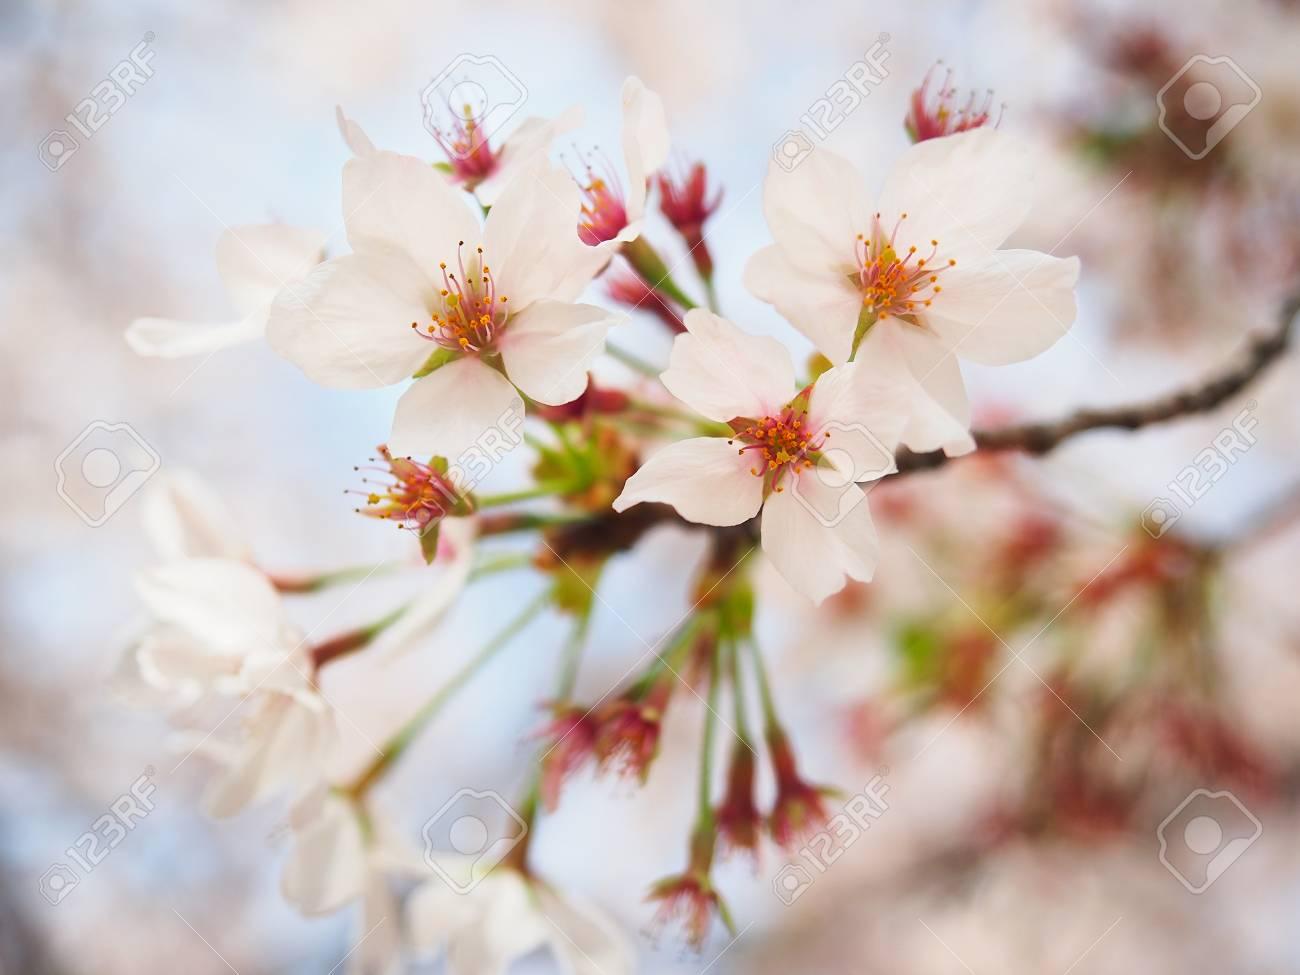 Japan Sakura Flower Or Cherry Blossom Full Bloom In Spring Season